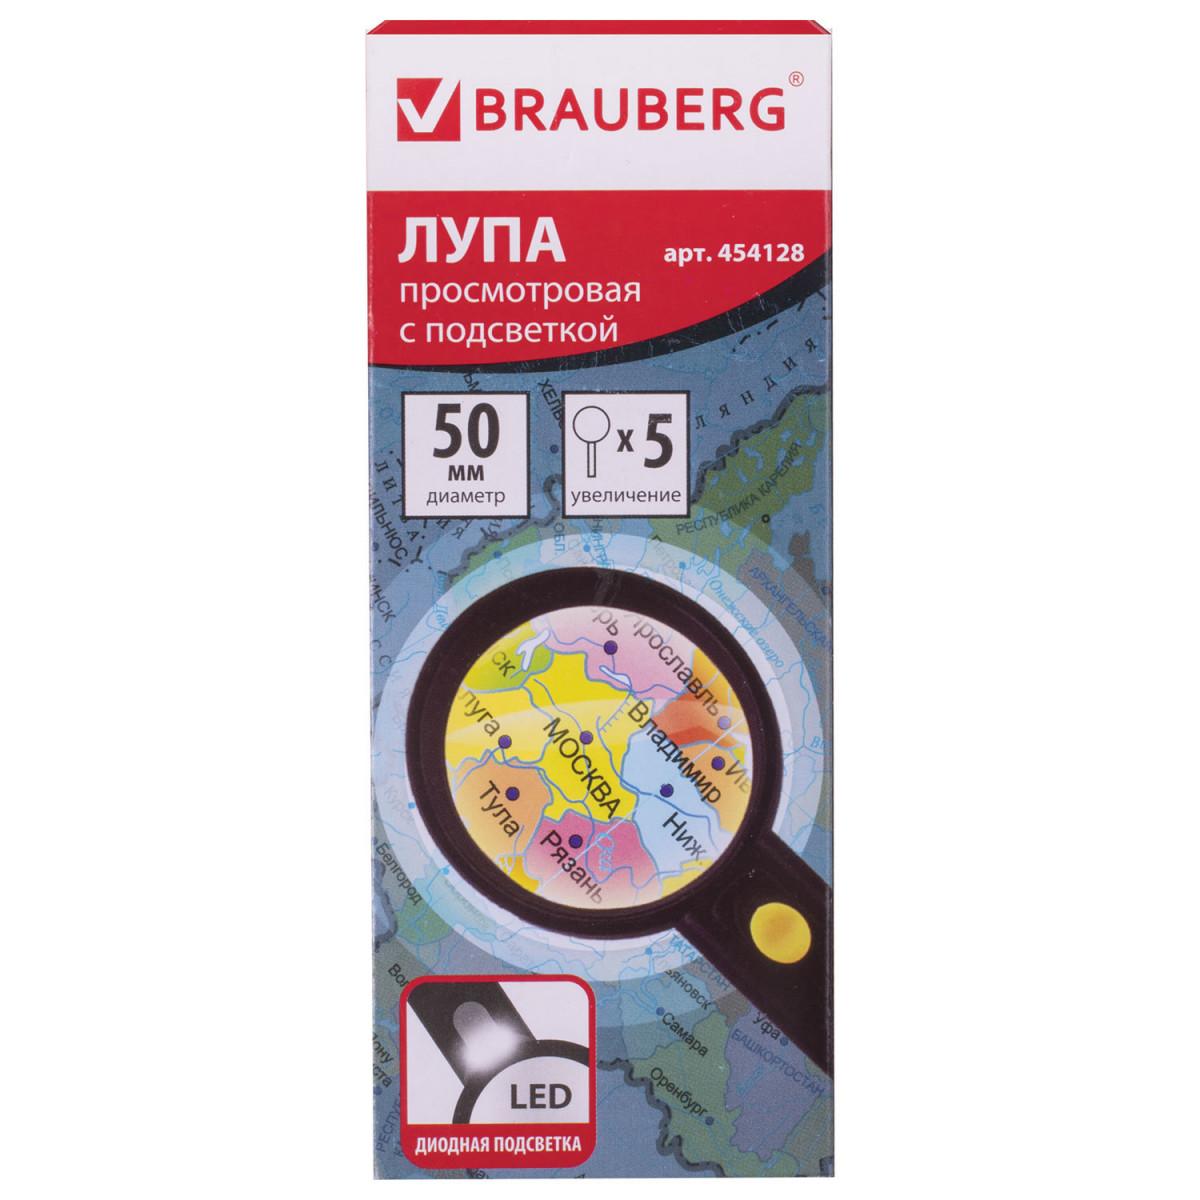 Лупа просмотровая BRAUBERG, С ПОДСВЕТКОЙ, диаметр 50 мм, увеличение 5, корпус черный, 454128 (арт. 454128)